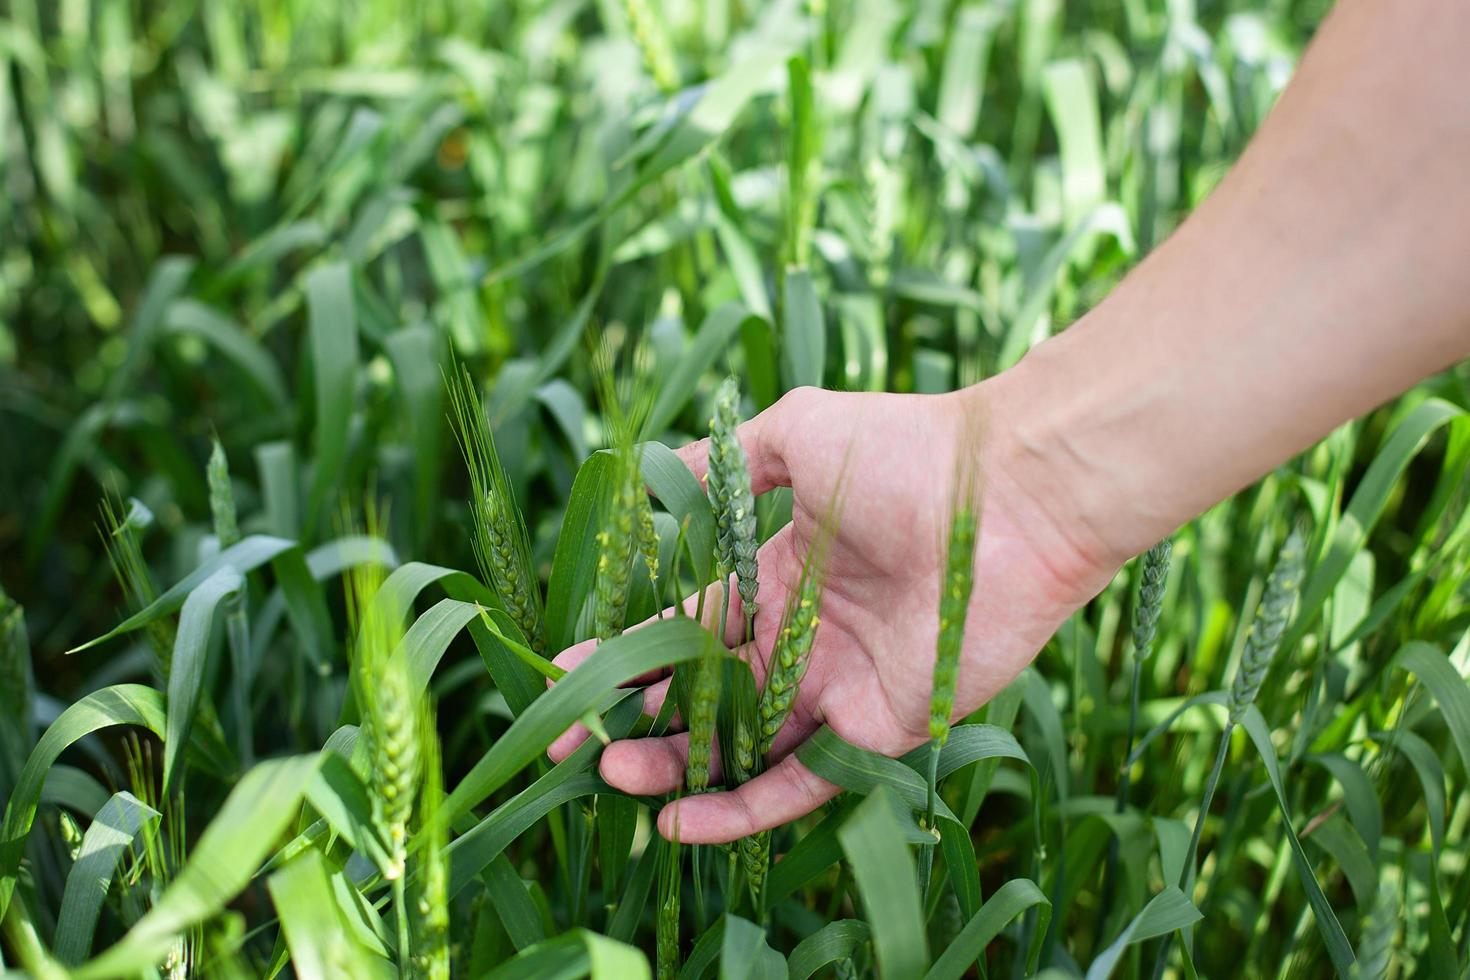 hand av en bonde vidrör mogna vete foto